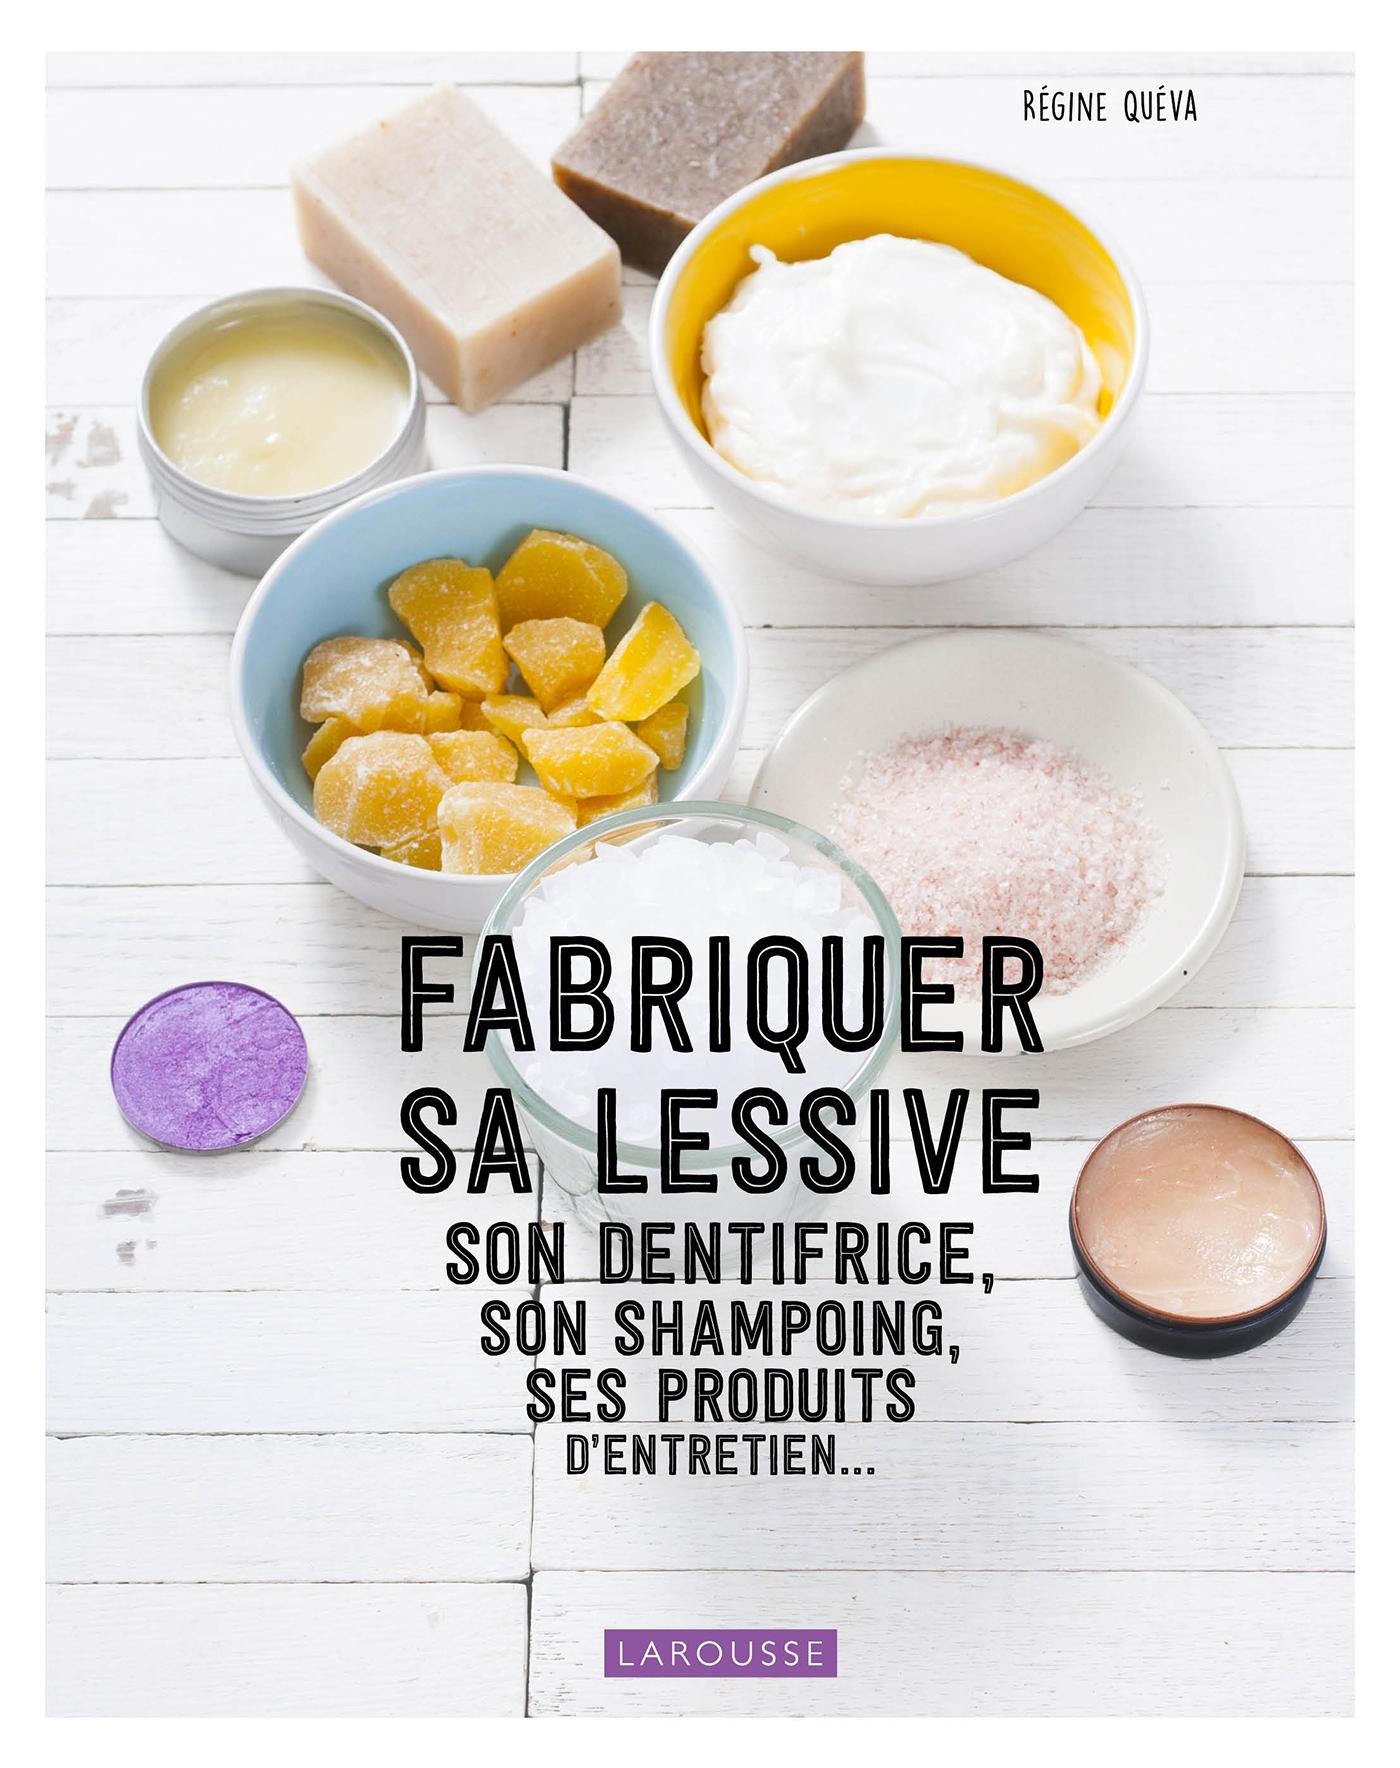 Fabriquer sa lessive, ses produits d'entretien, son dentifrice... / Quéva, Régine | Quéva, Régine. Auteur